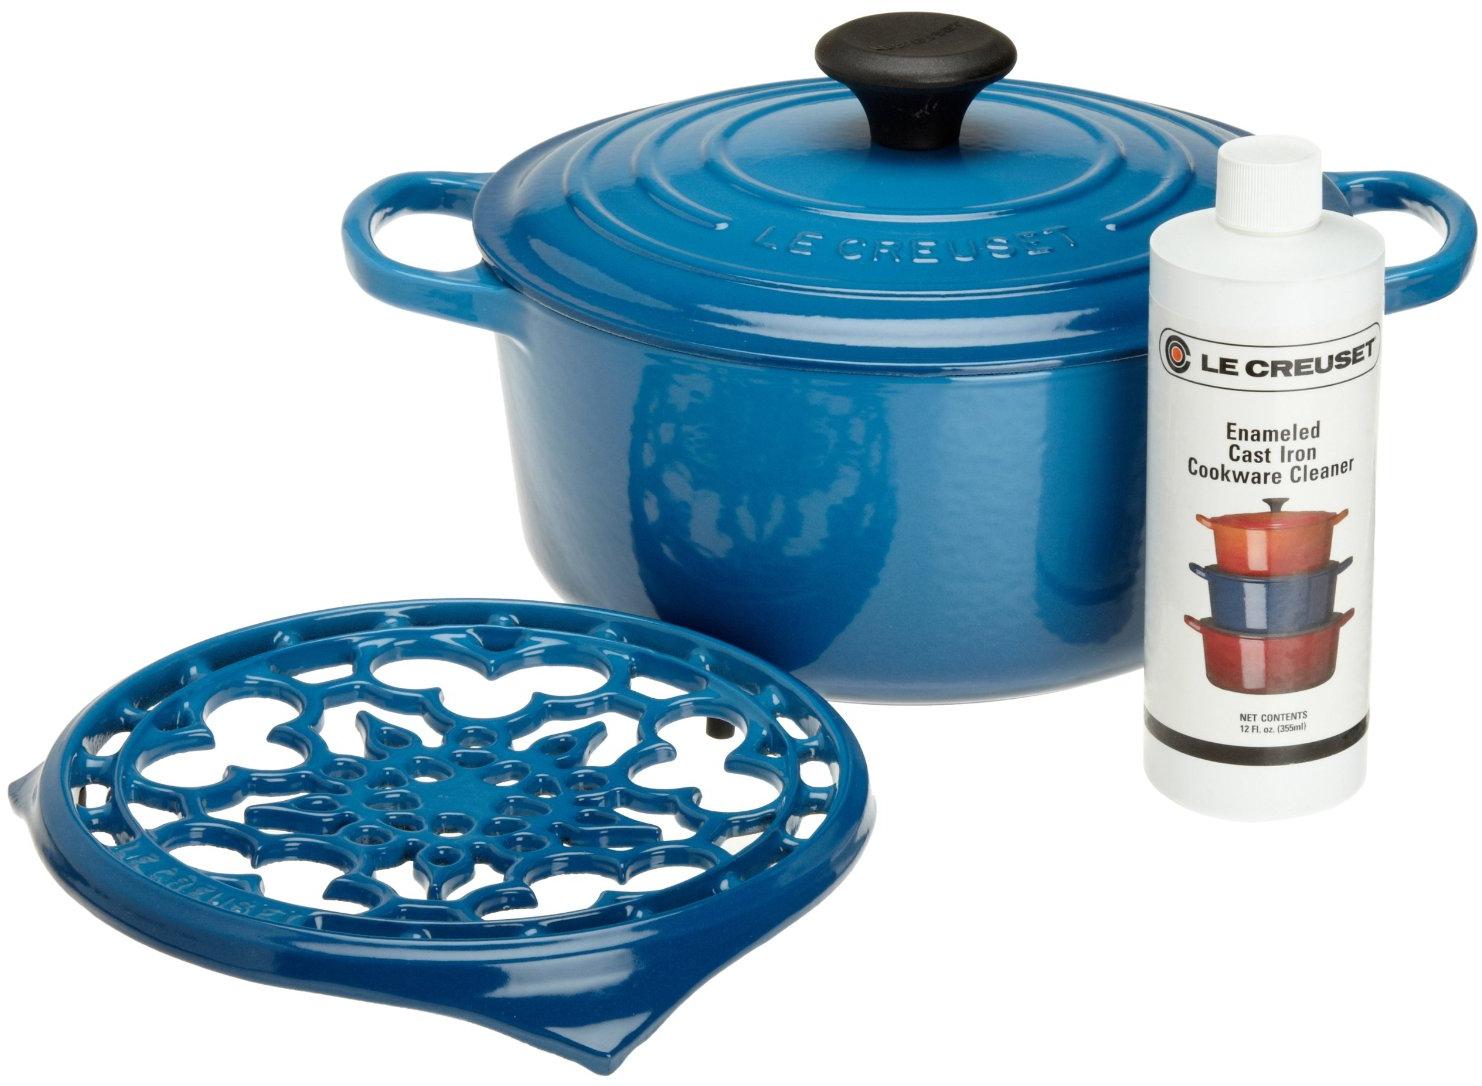 Le Creuset 4 Piece Marseille Blue Cast Iron Cookware Gift Set